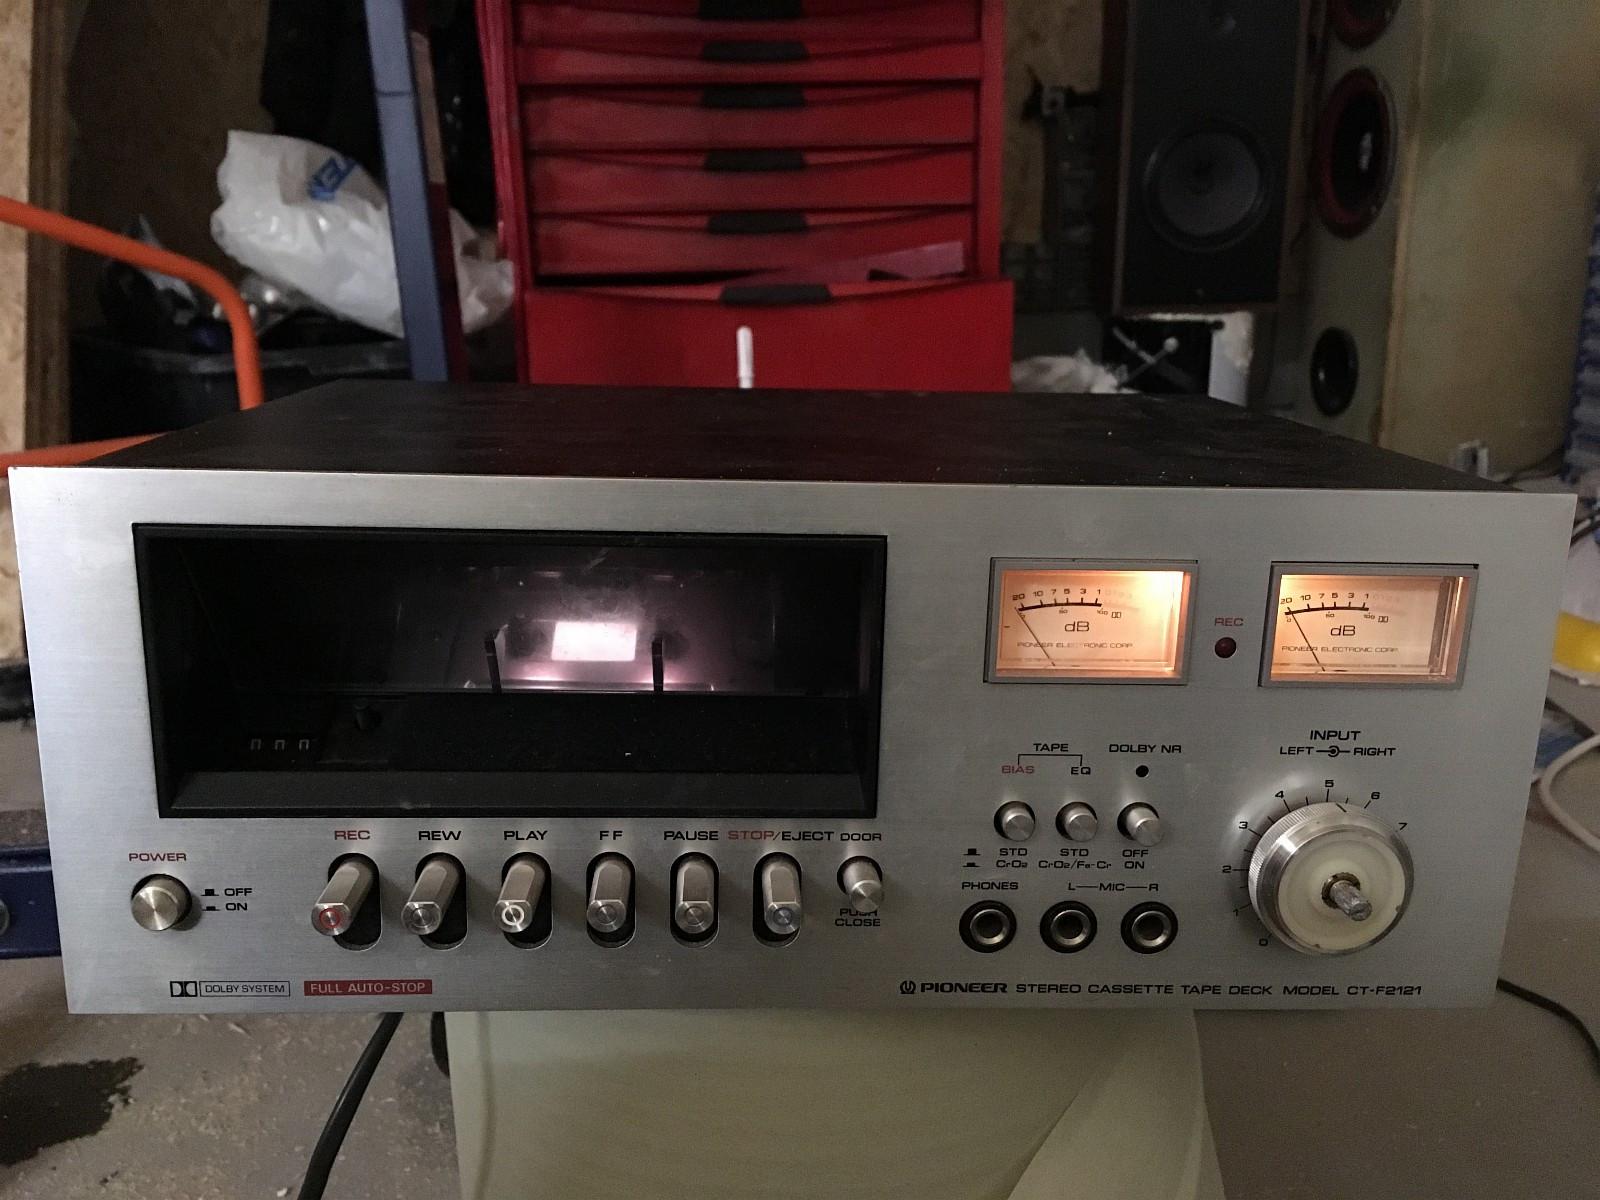 Pioneer CT-F2121 cassette deck - Skåla  - Pioneer CT-F2121 kasettspiller (75-77)  Mangler en knott. Ser ut til å virke, har ikke testa med en kasett.. - Skåla